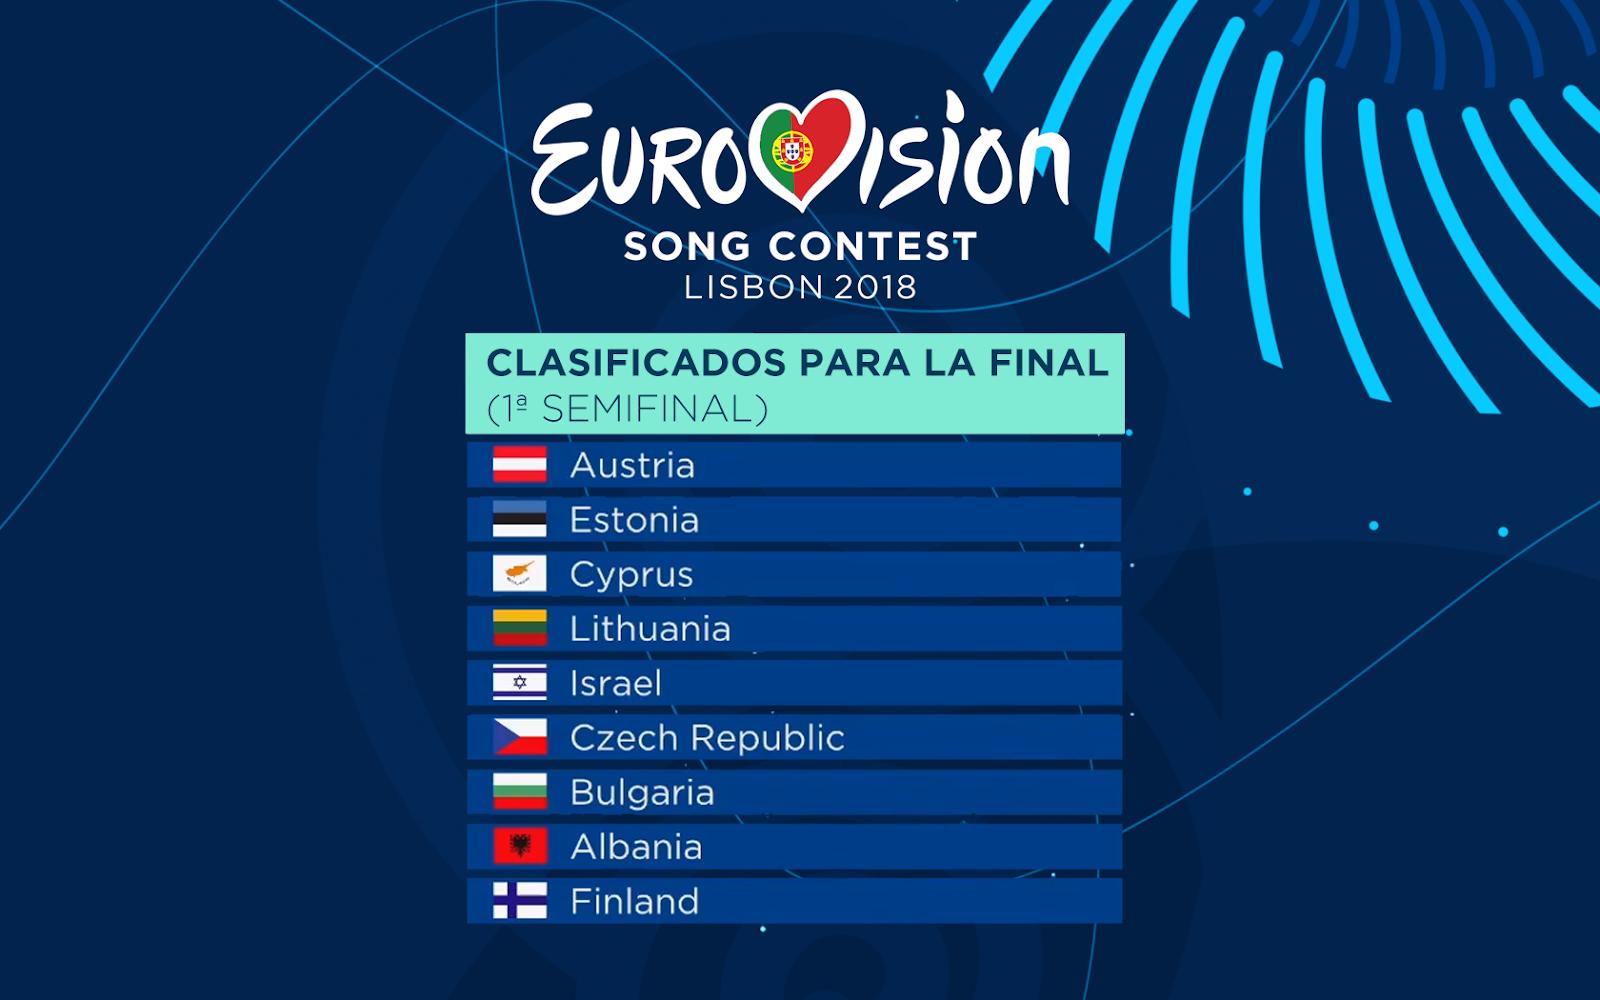 YA TENEMOS LOS 10 PRIMEROS FINALISTAS DE EUROVISIÓN 2018